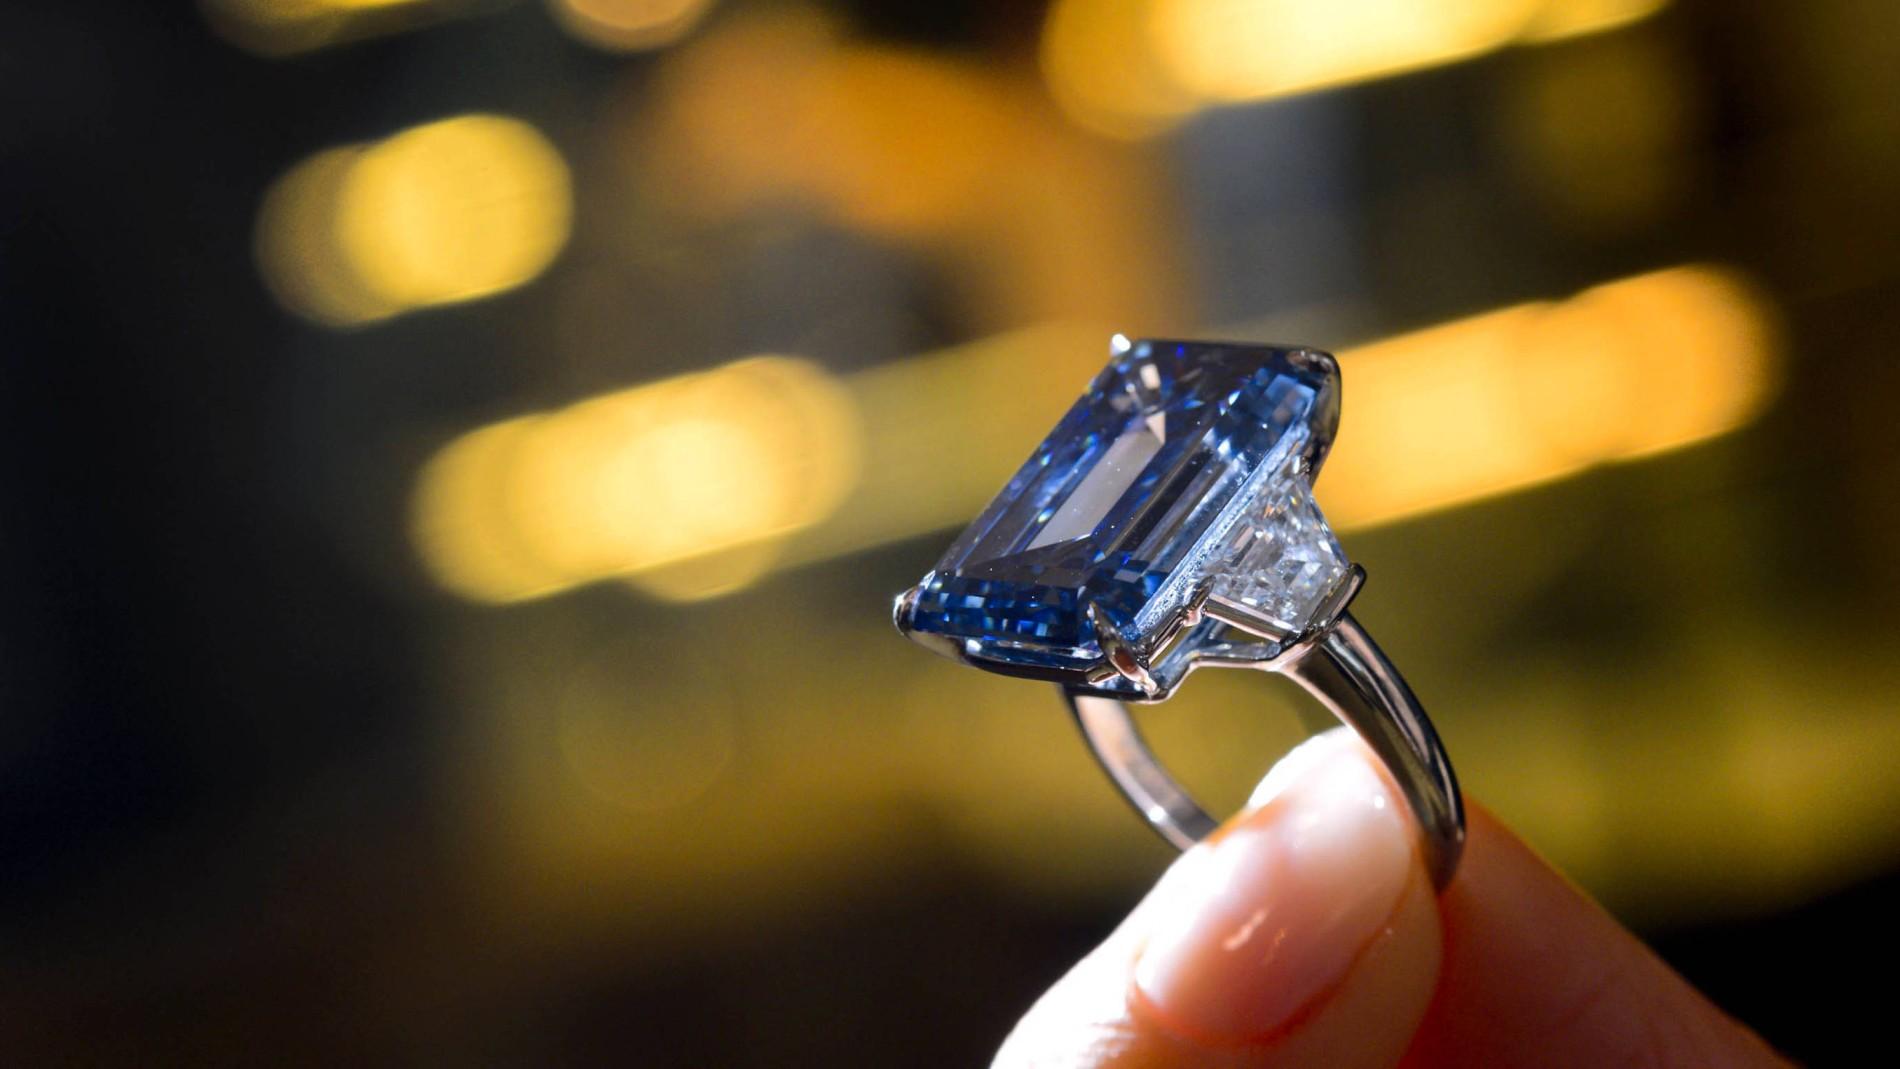 Diamanten Experte Und Plotzlich Ist Da Dieser Ring Menschen Faz